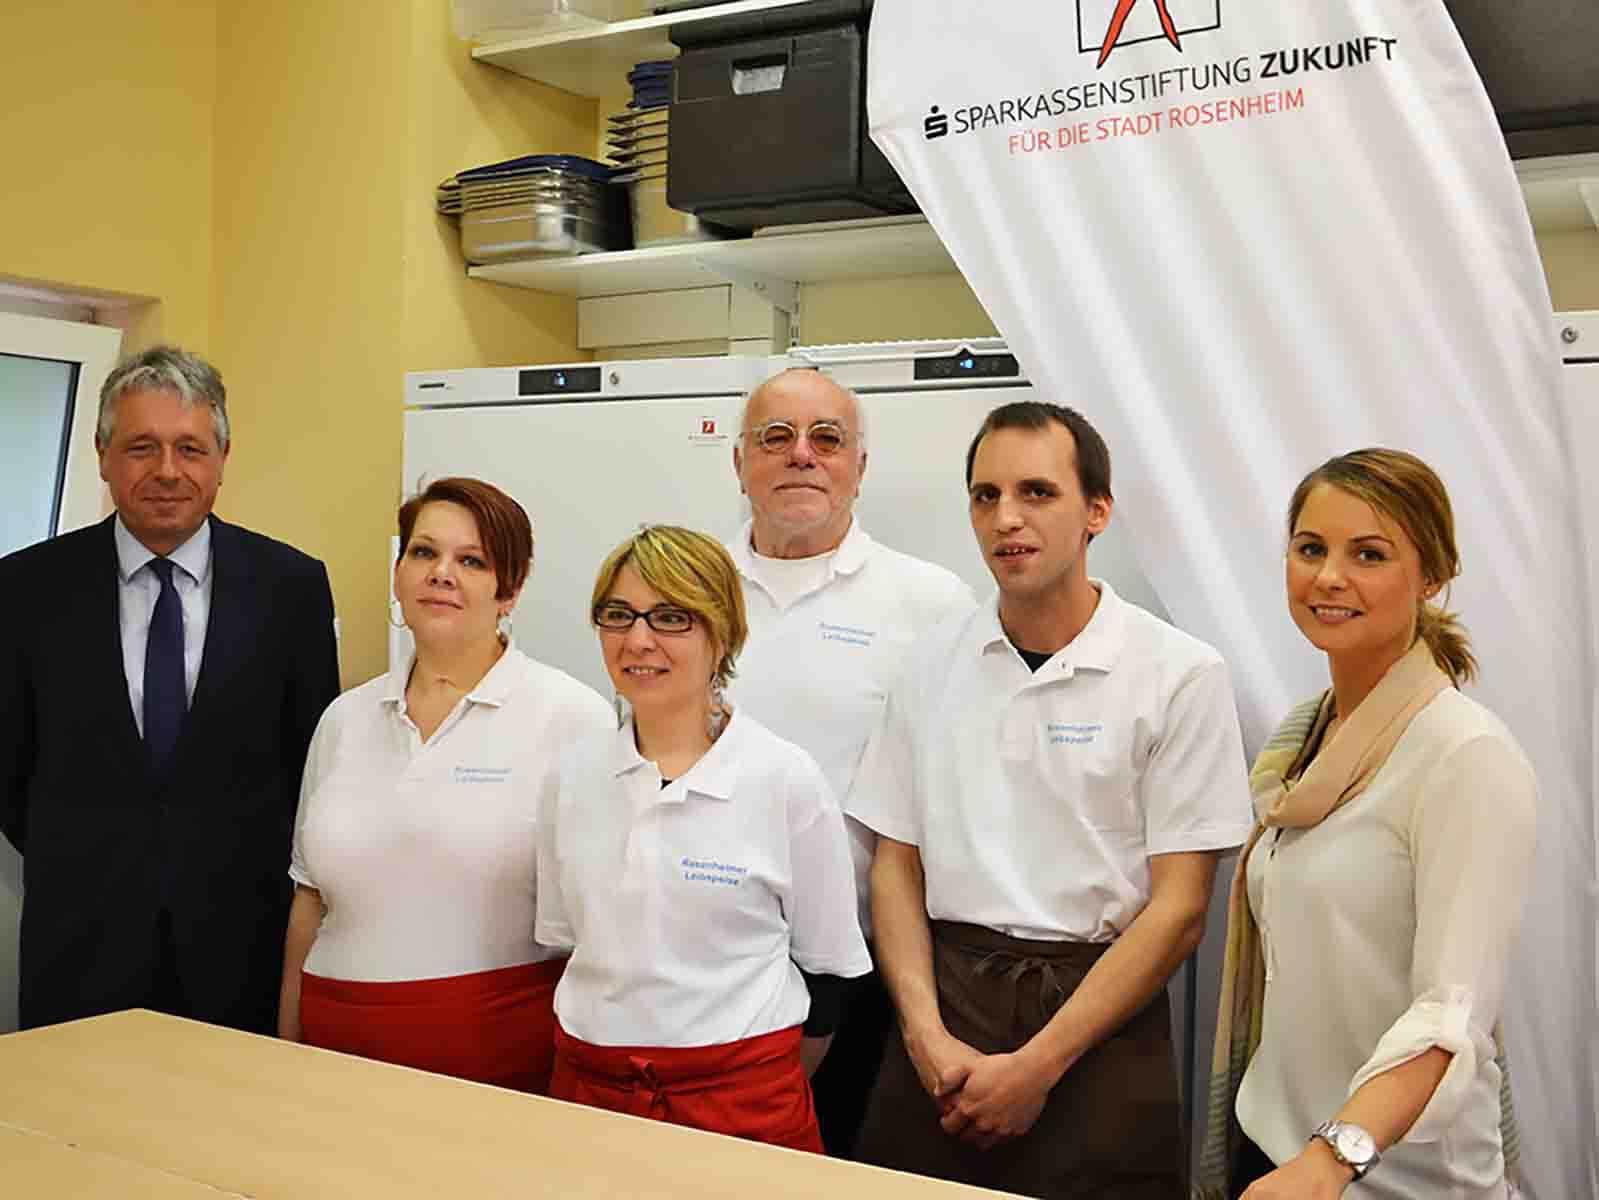 Die Firma Liebherr in Vertretung durch Rudolf Straub (li.) ist bei den Anschaffungskosten entgegen gekommen.